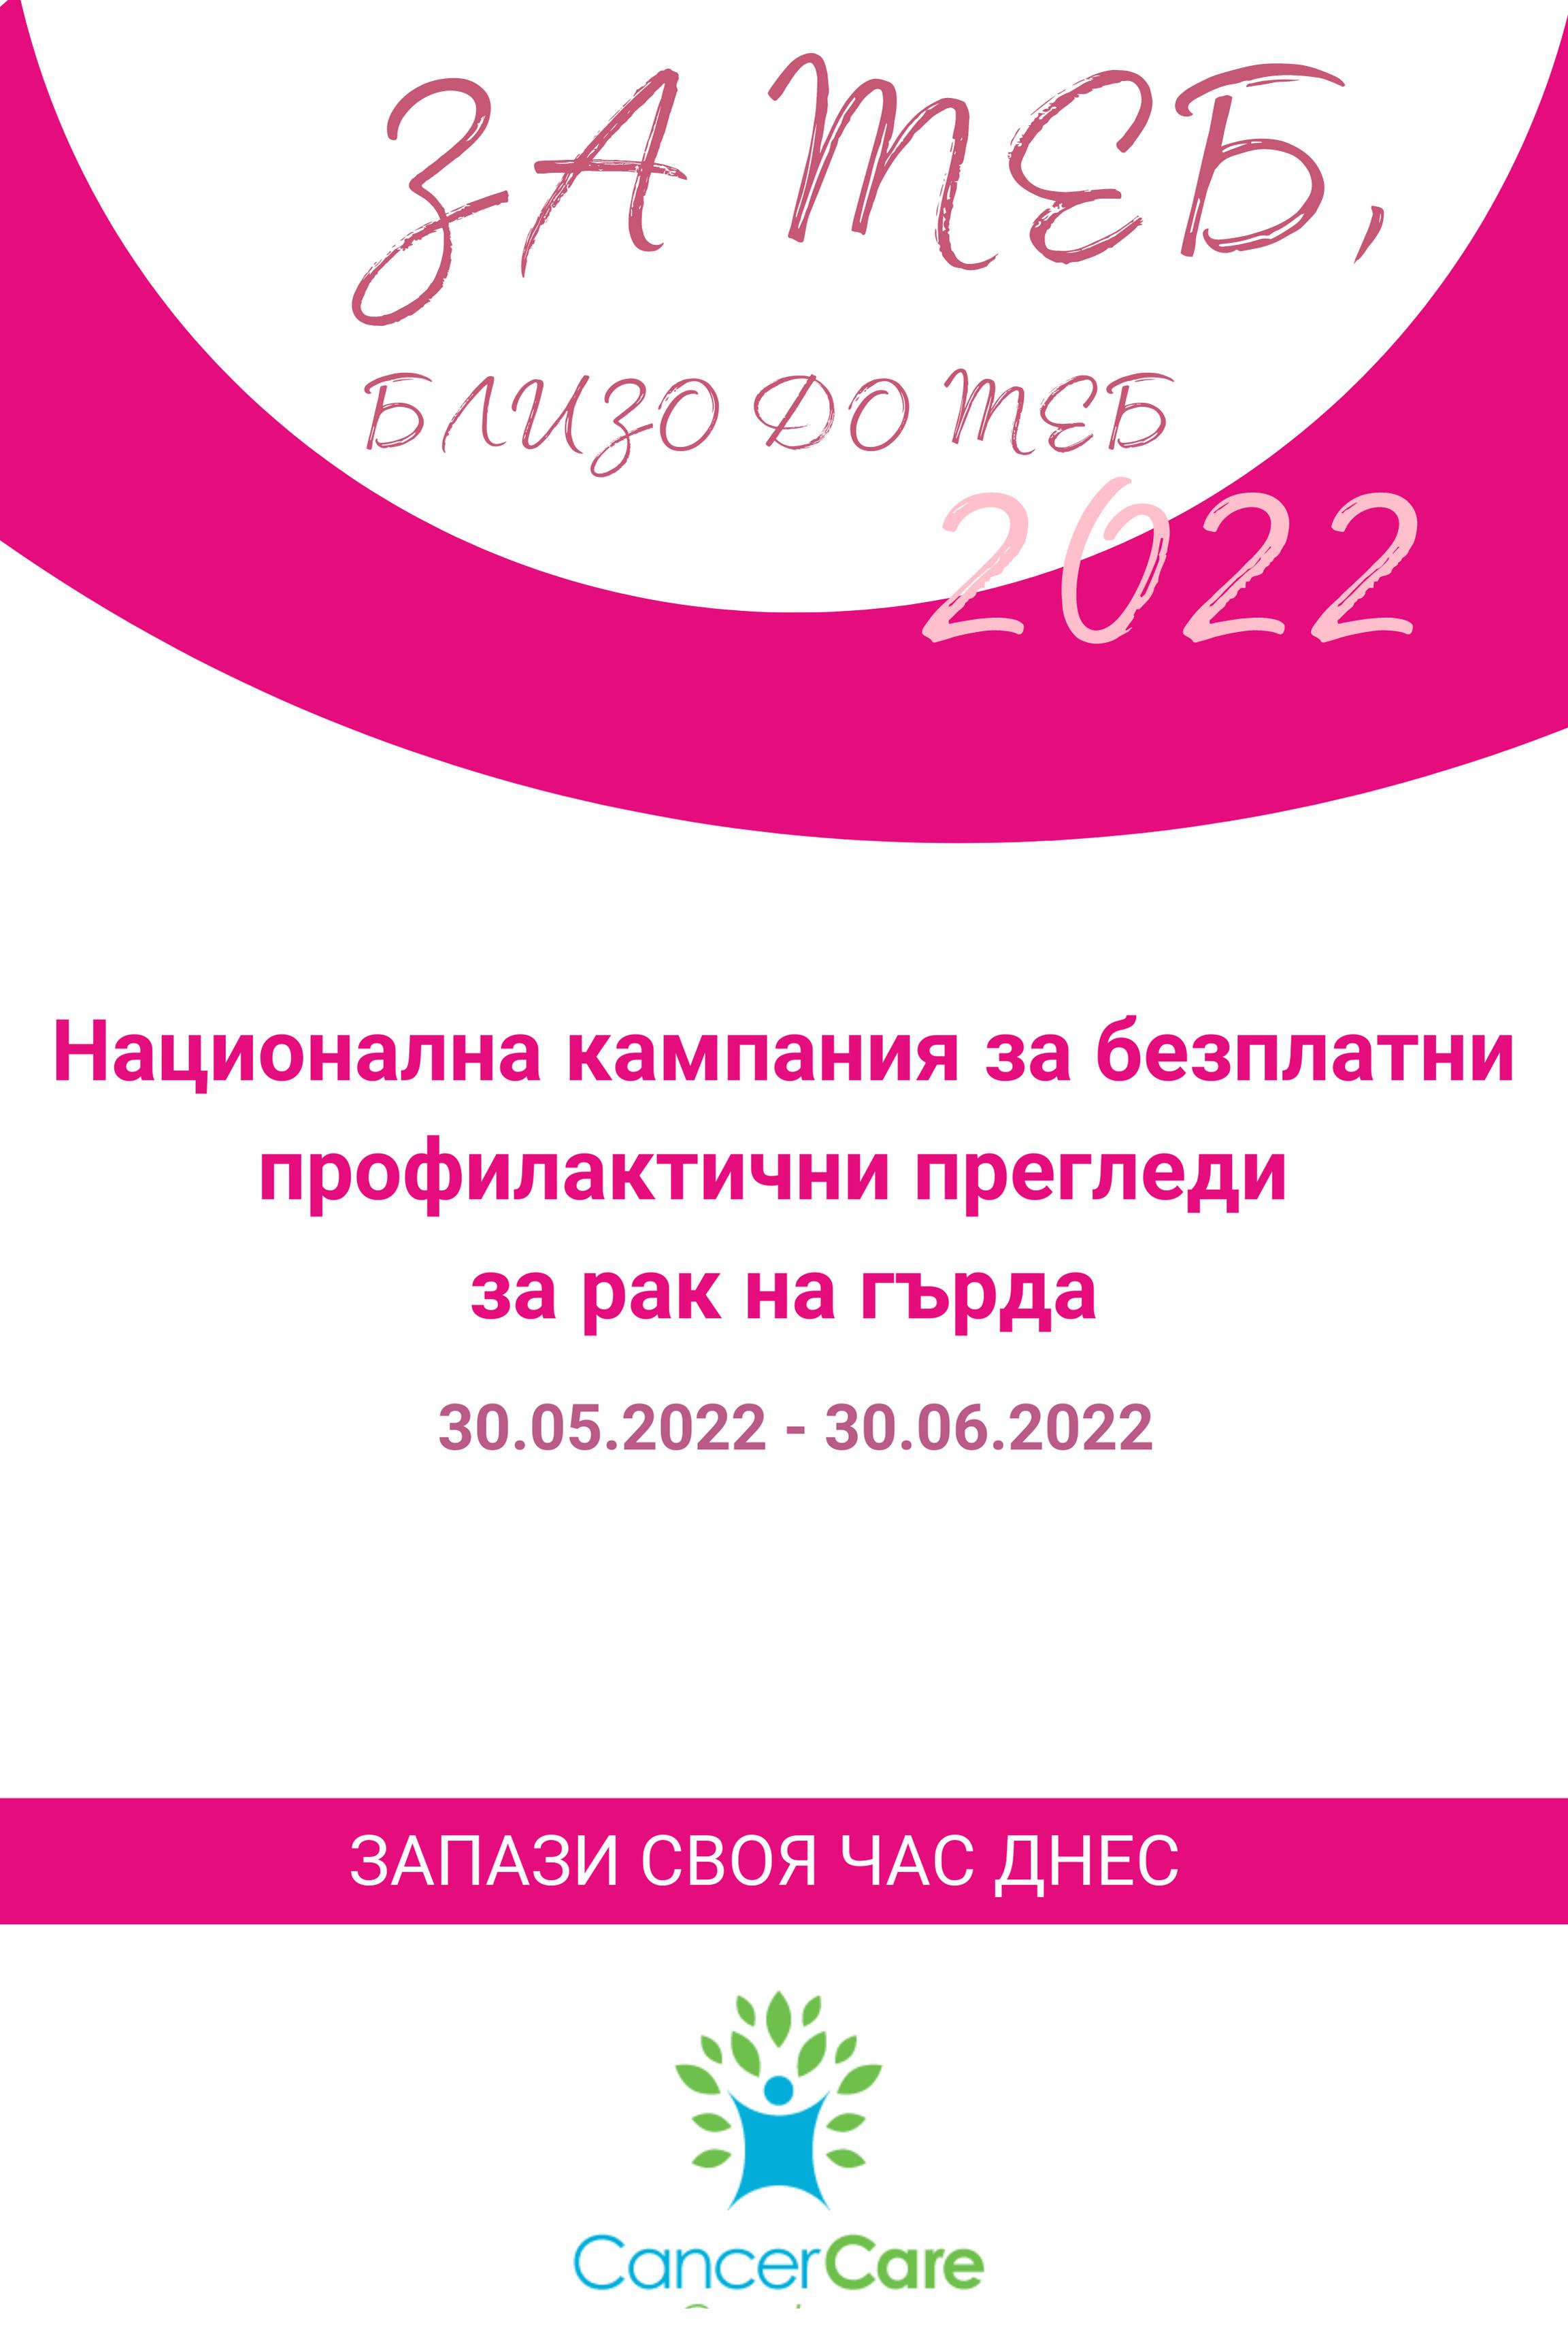 Национална кампания безплатни профилактични прегледи за рак на гърда